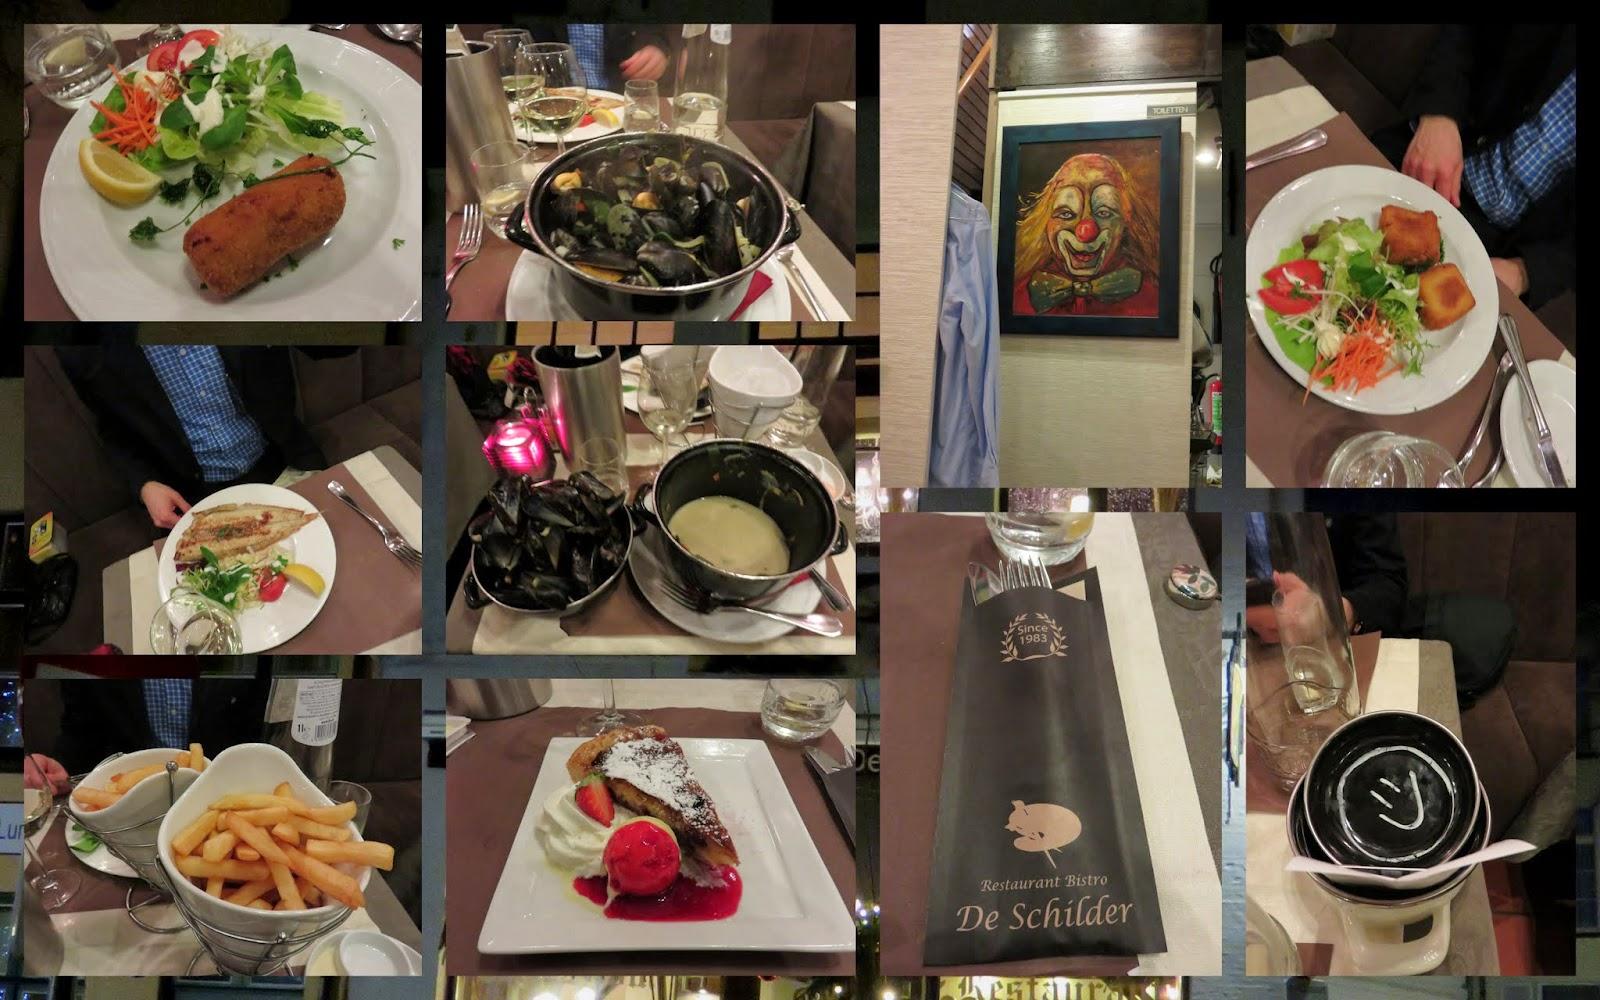 Dinner at Bistro de Schilder in Bruges, Belgium